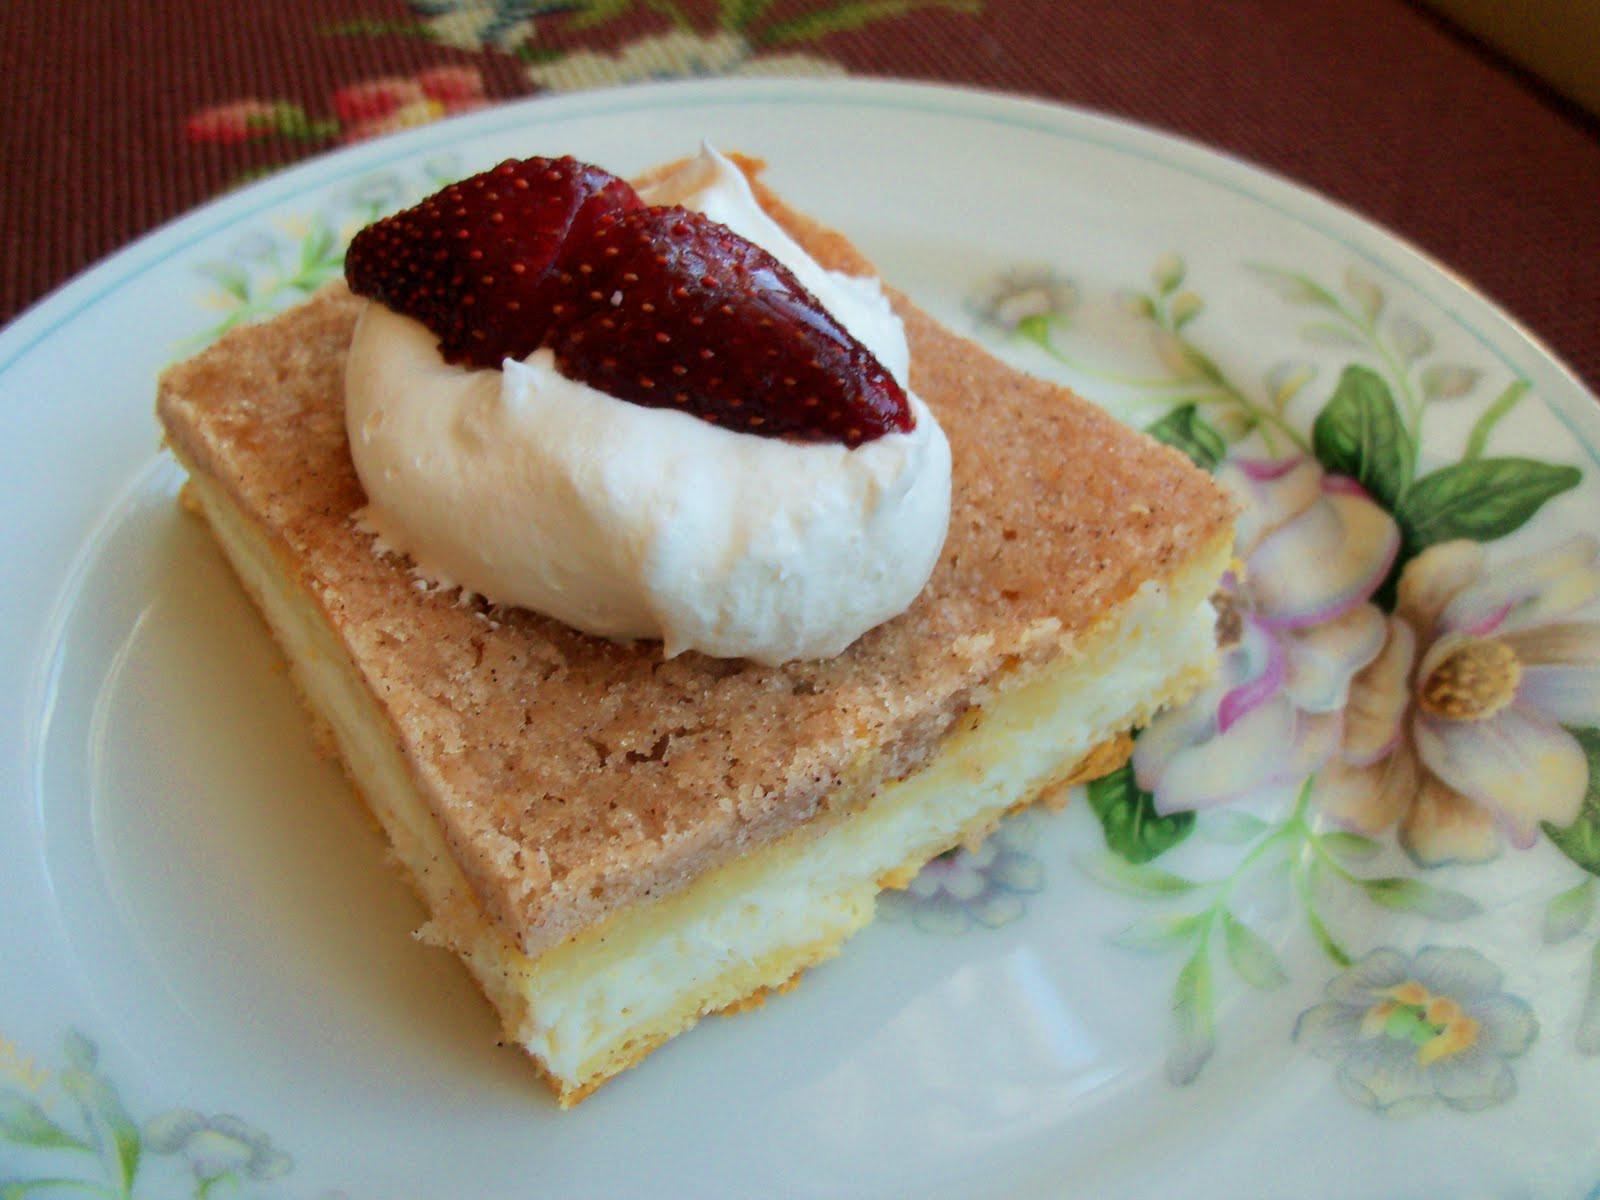 Cinco De Mayo Dessert Recipes  Kim s County Line A Cinco de Mayo Dessert